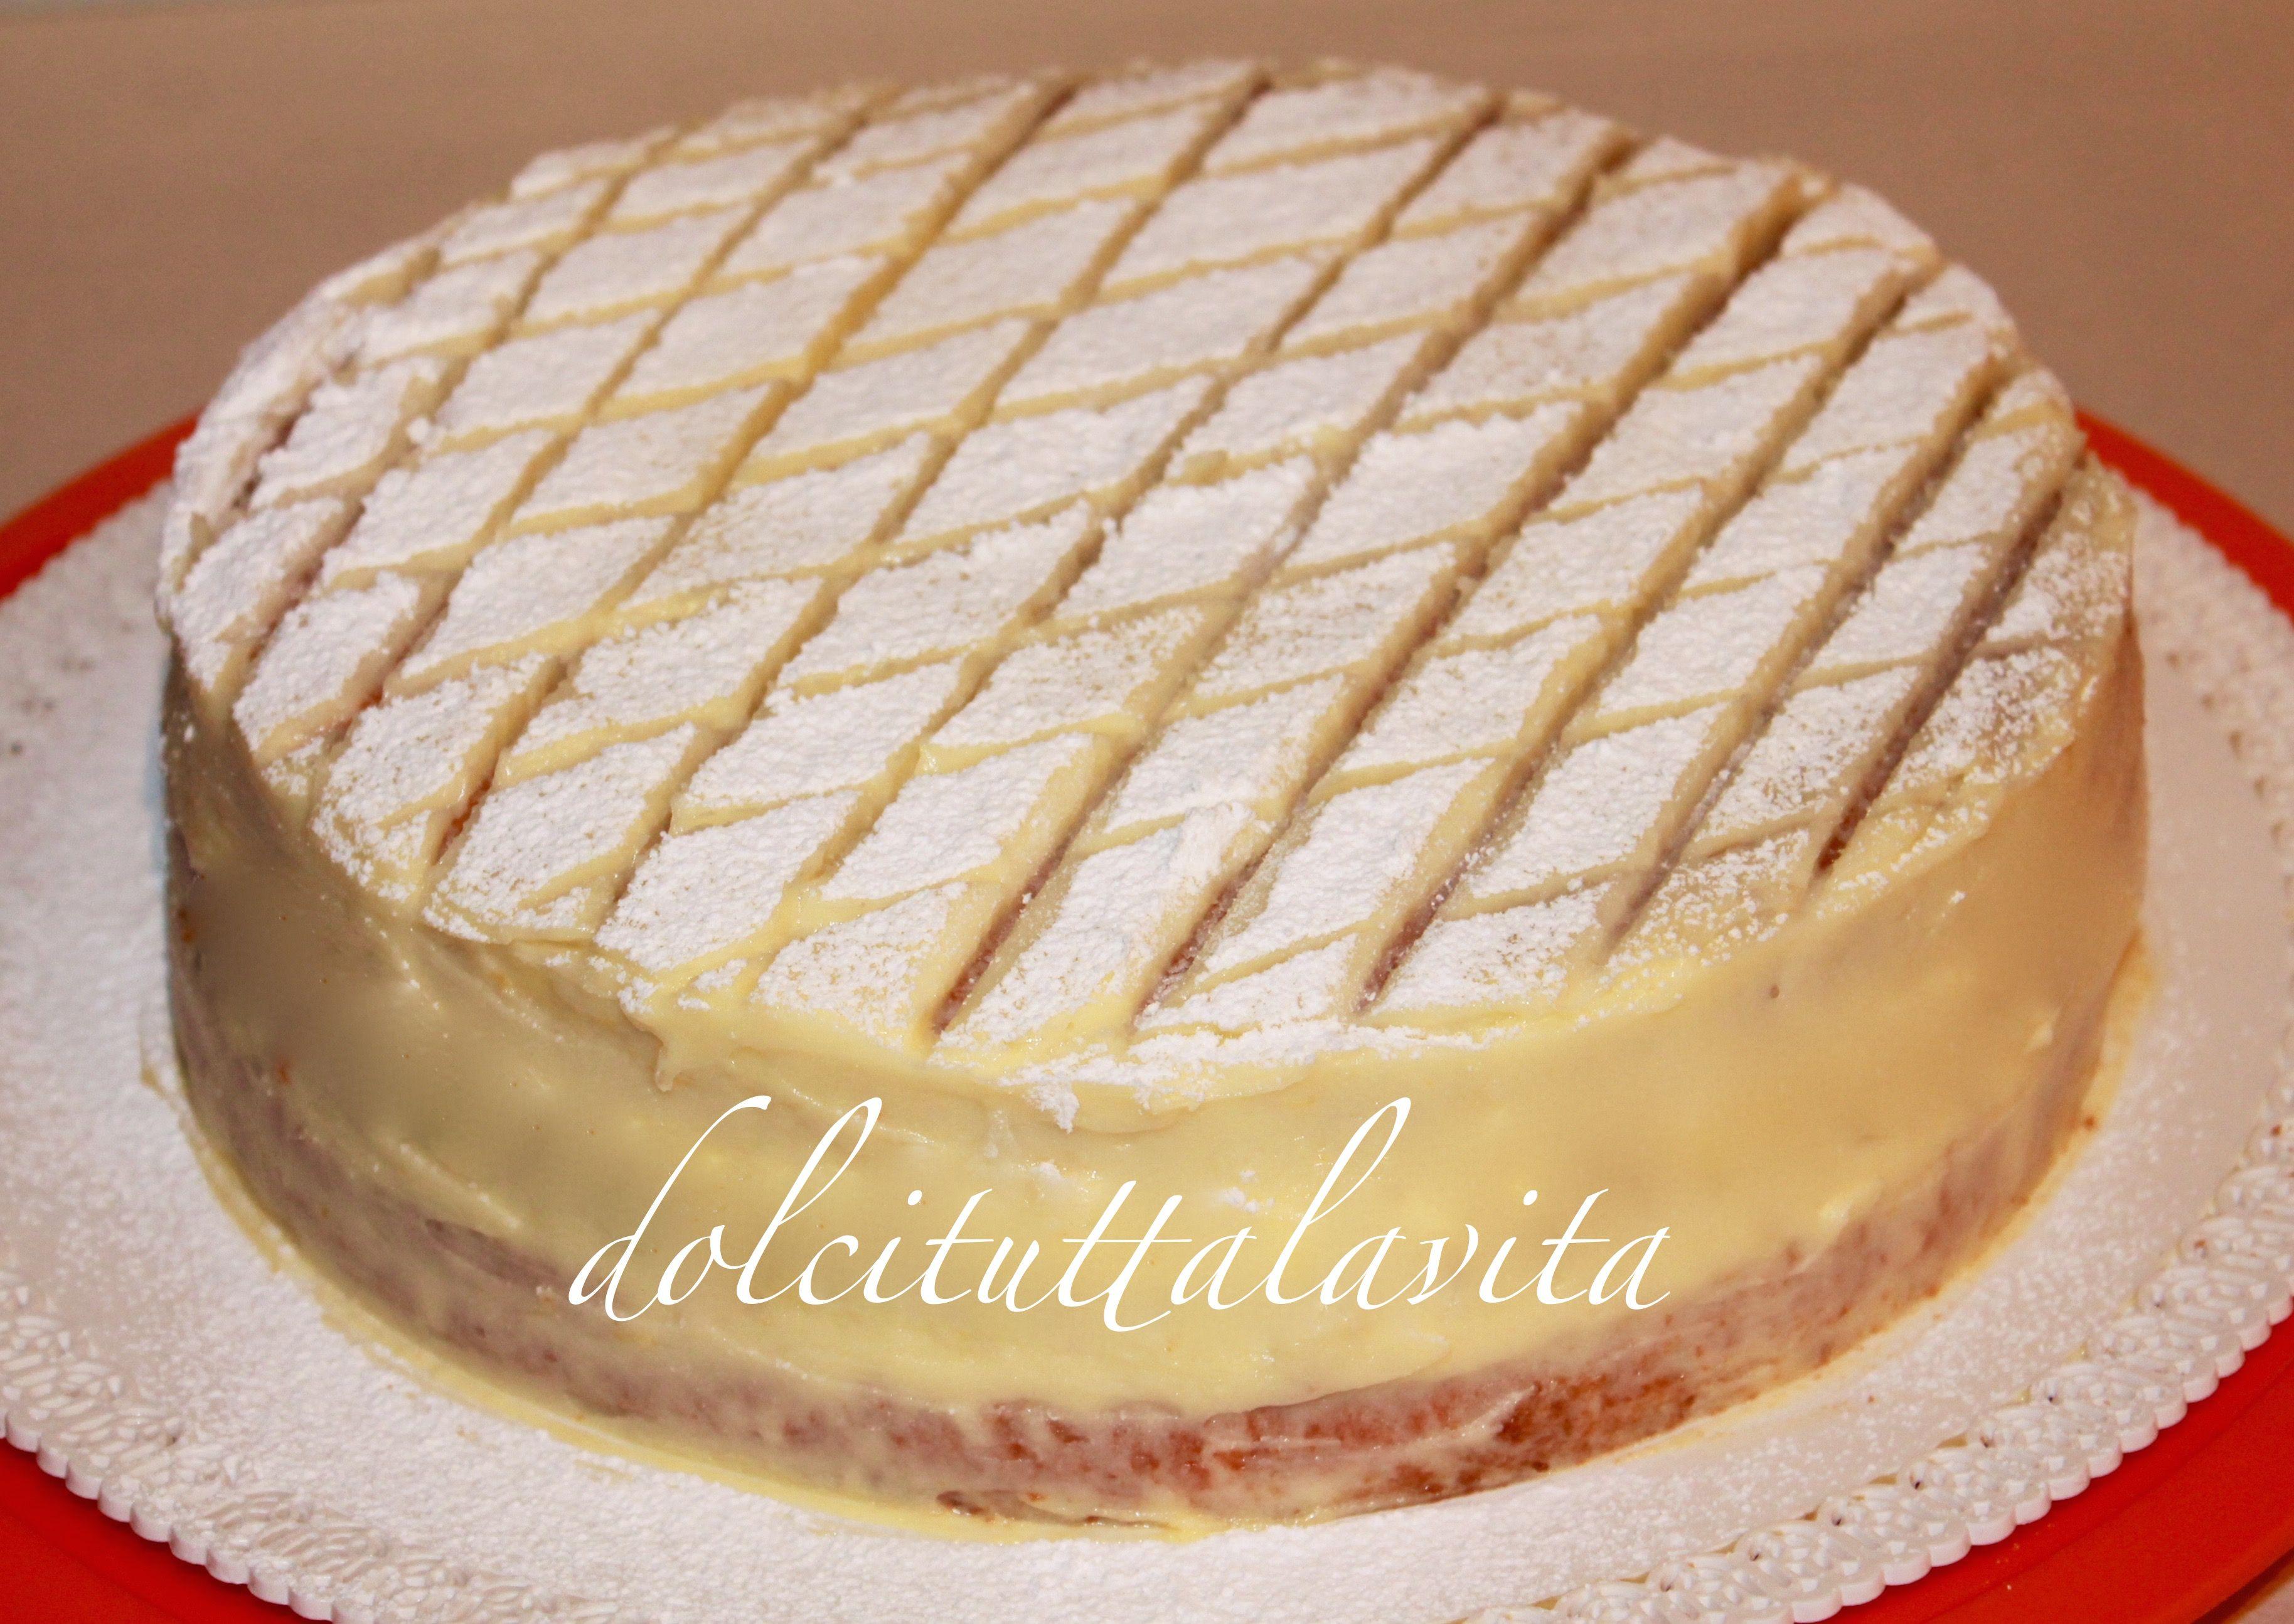 Dolci Da Credenza Iginio Massari : Torta al limone di iginio massari cose da provare torte